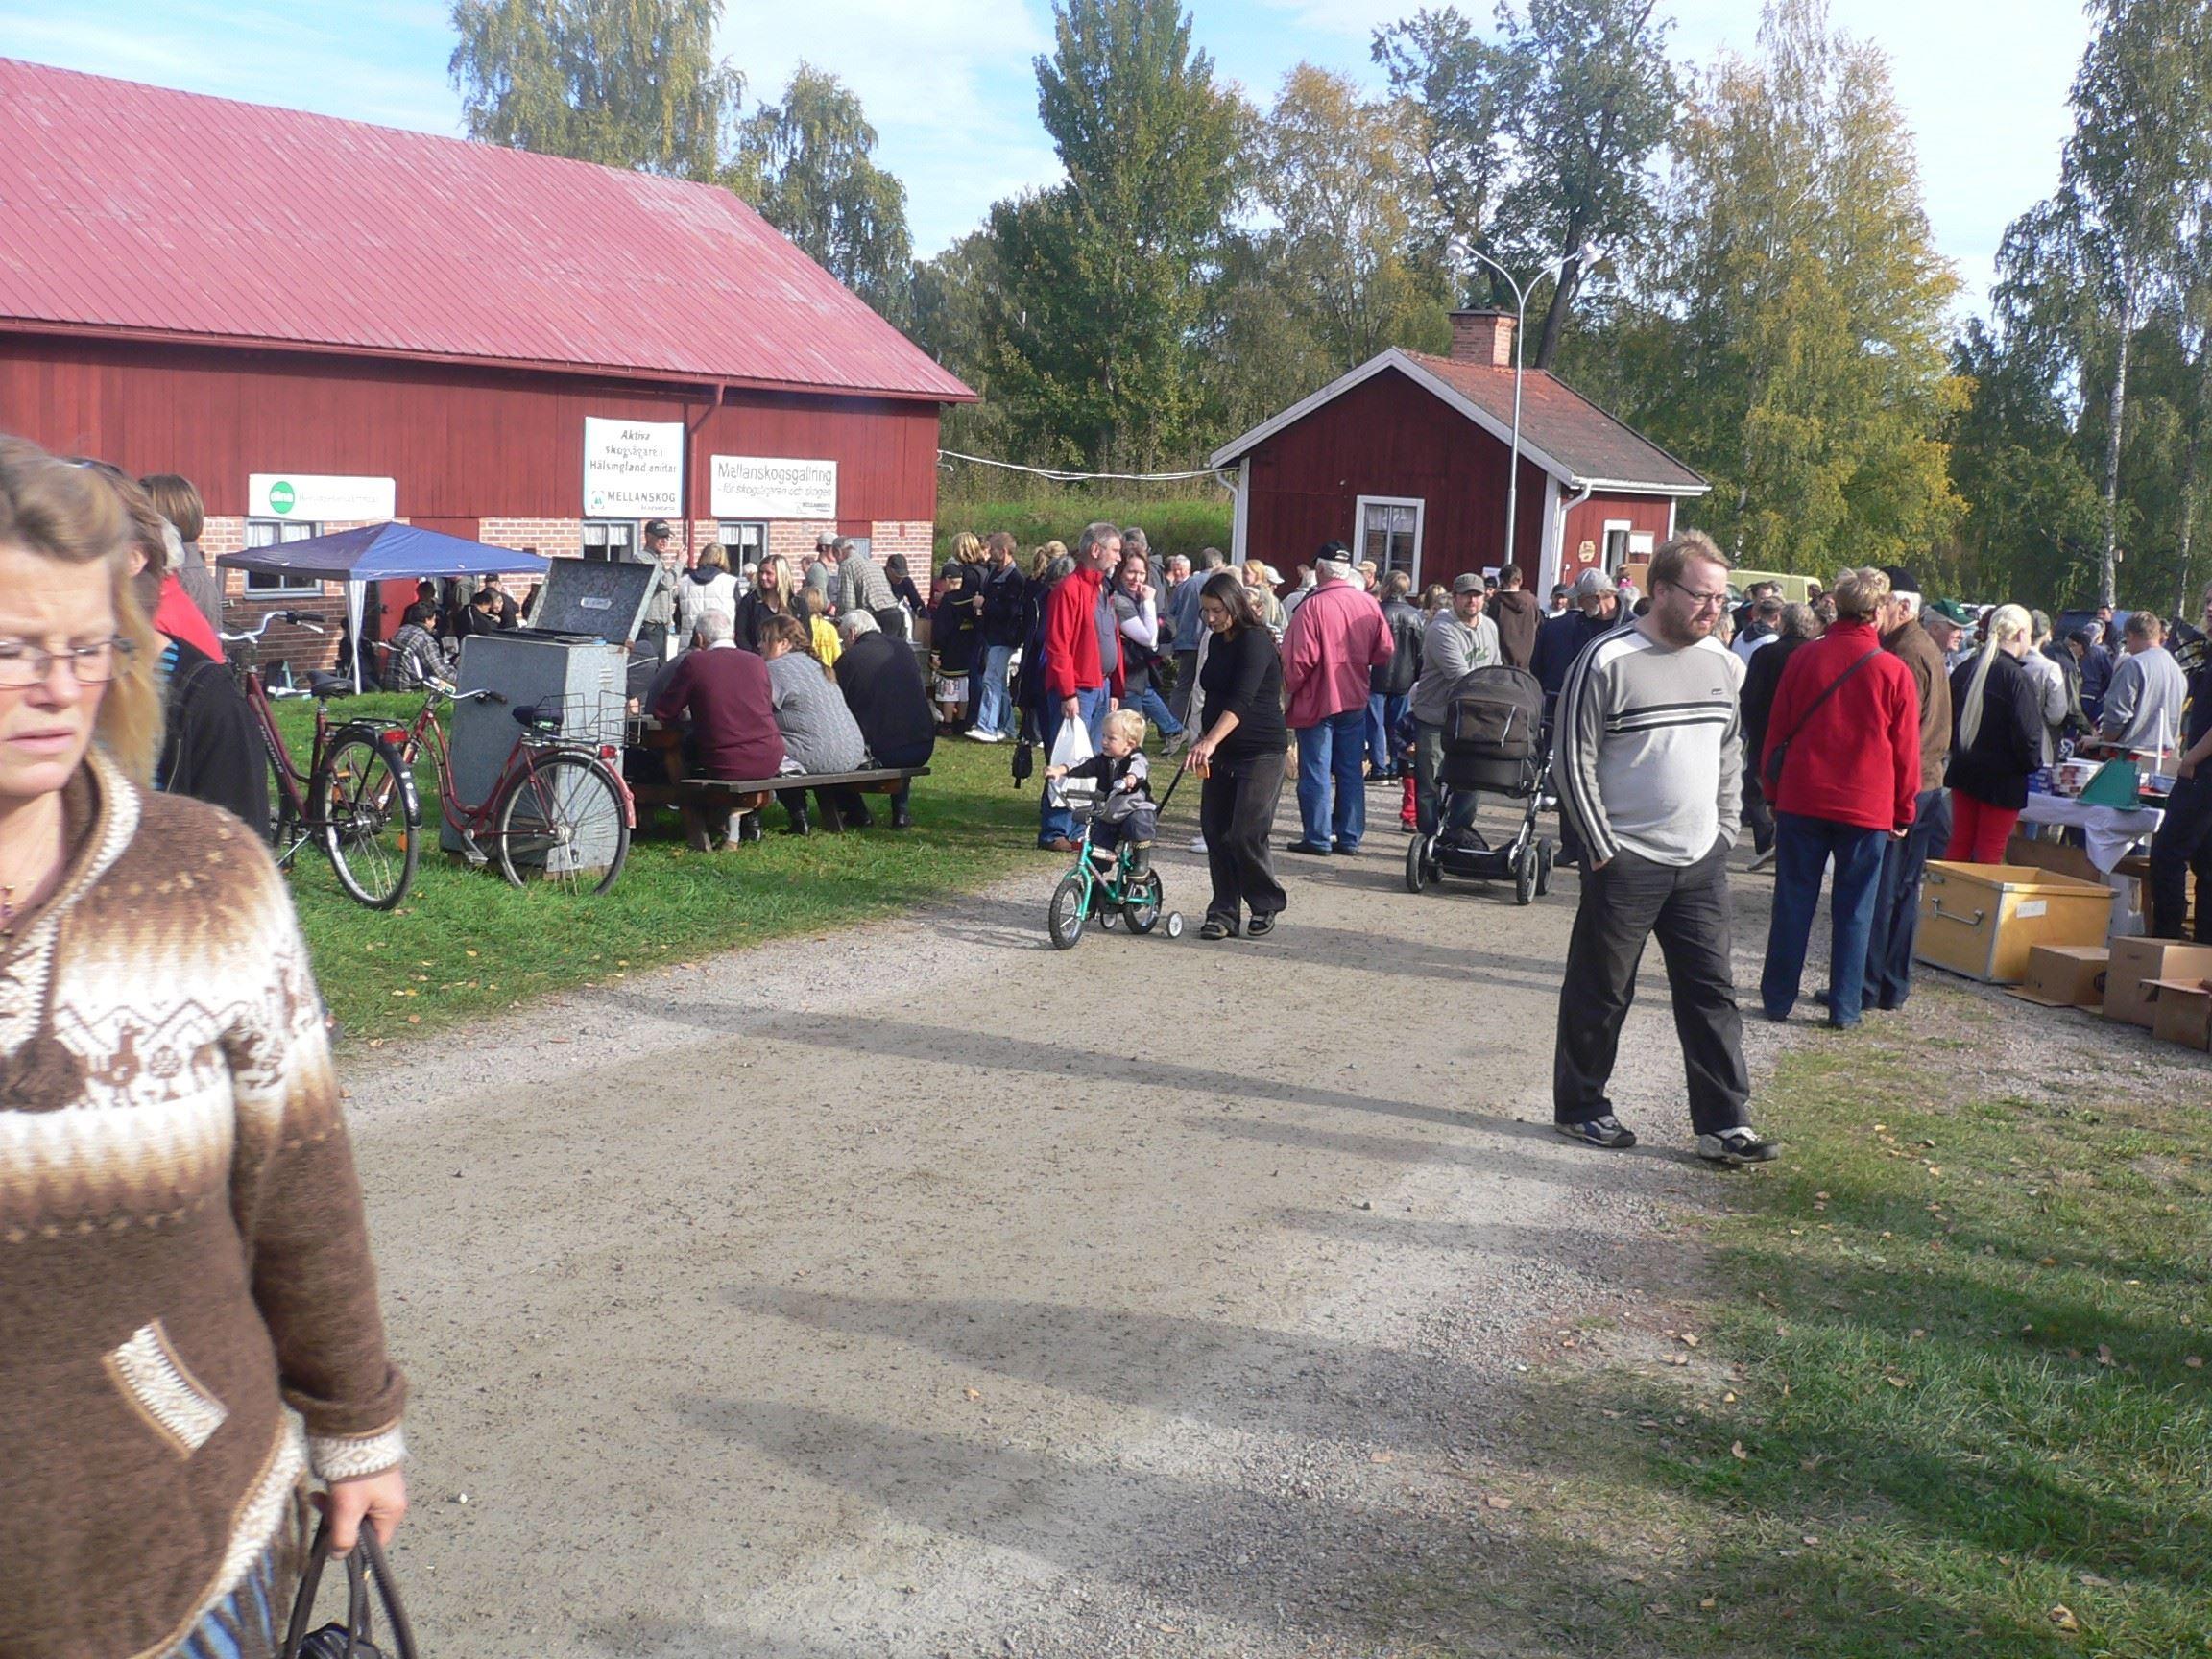 Mickelsmäss Höstmarknad - Delsbo Lantbruksmuseum